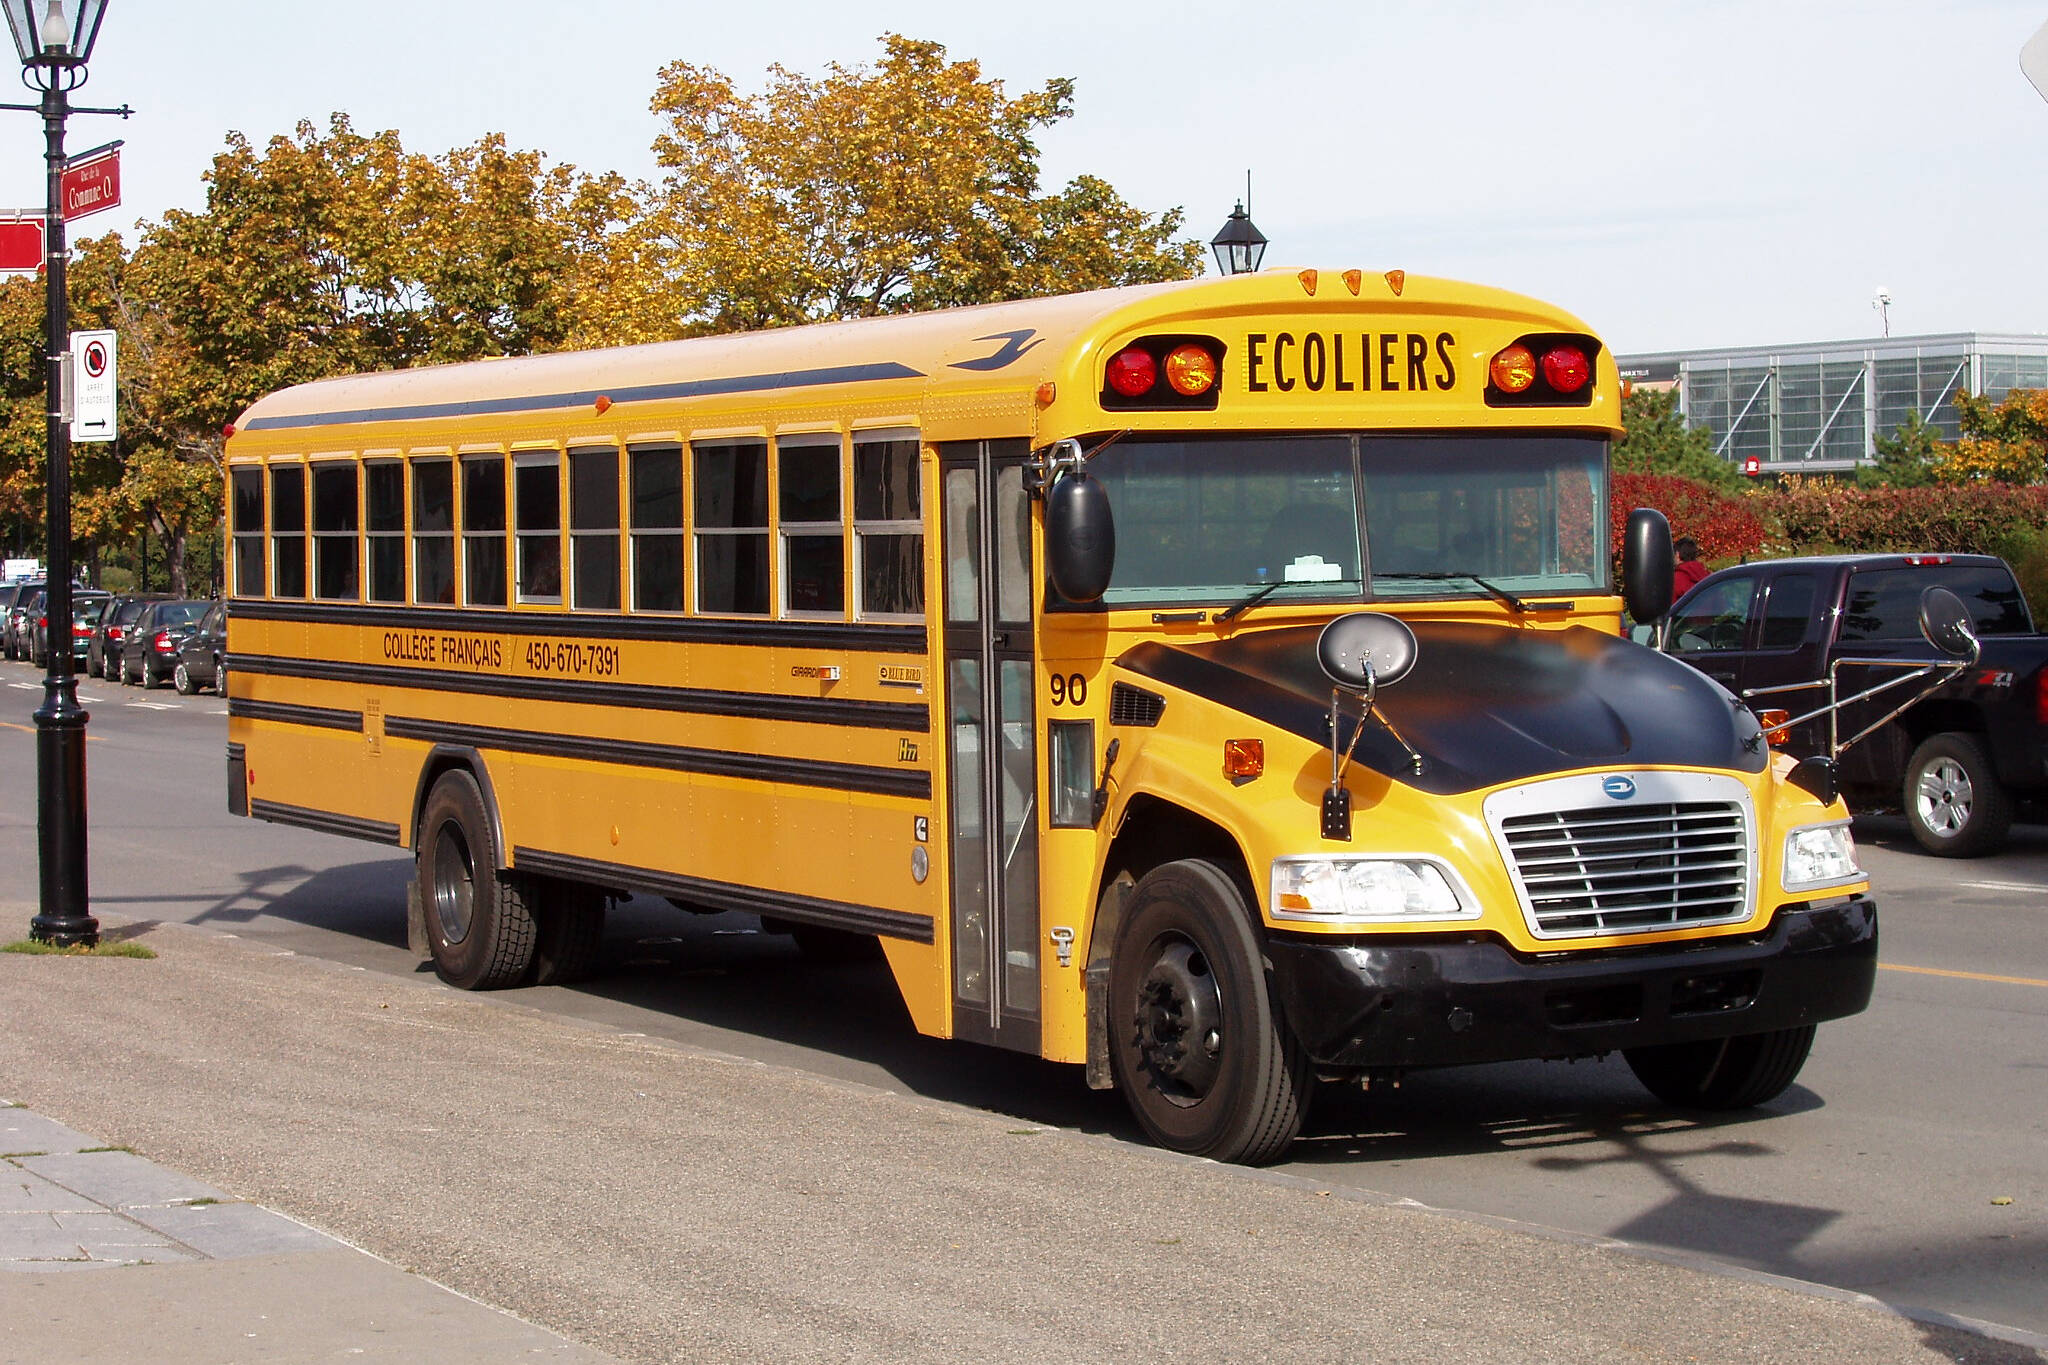 quebec reopen schools